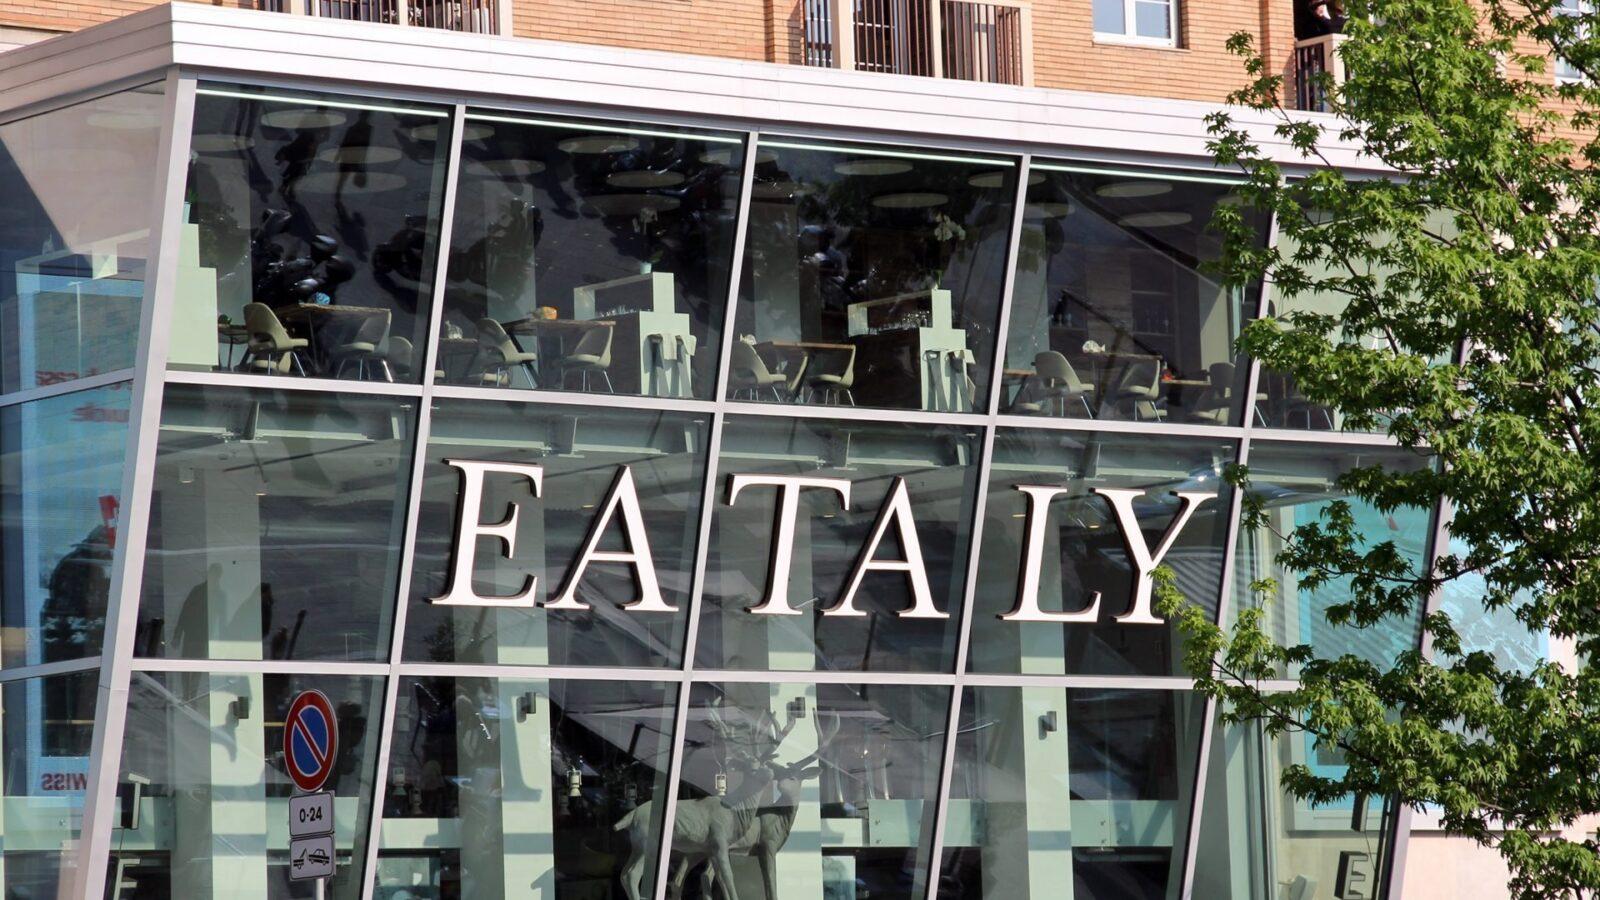 Eataly Milan Smeraldo